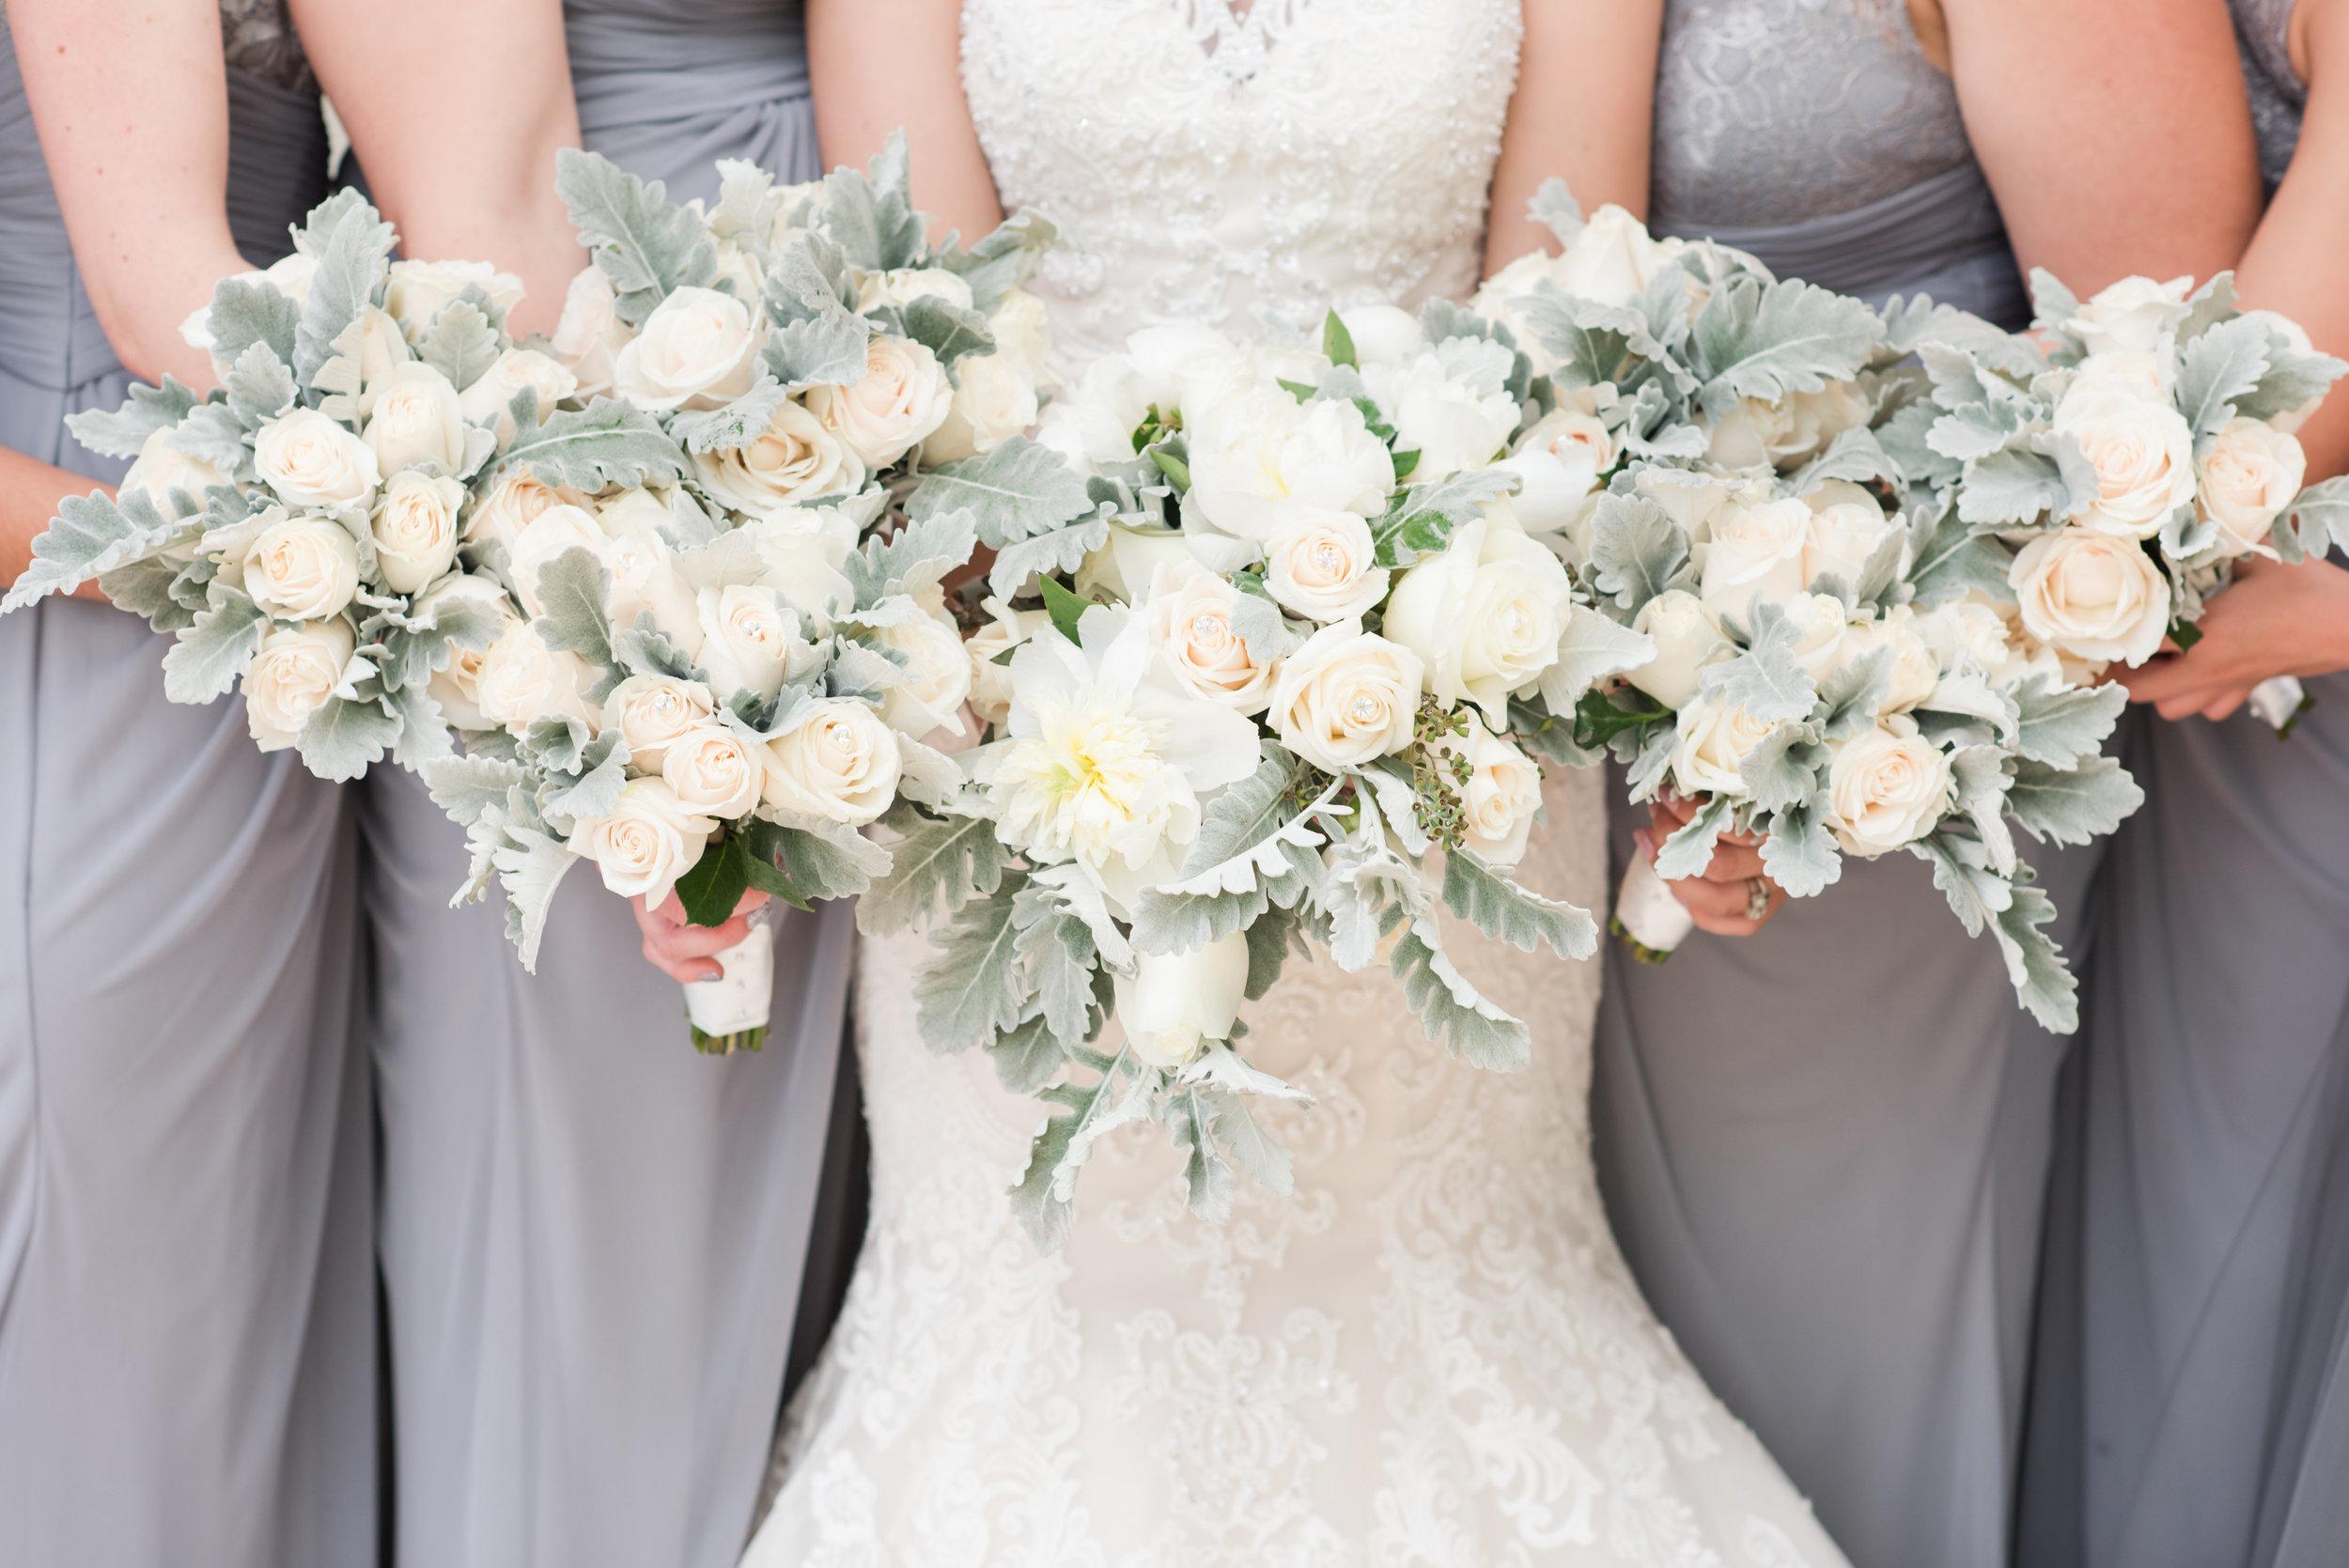 Palm beach county florist bridal party bouquets